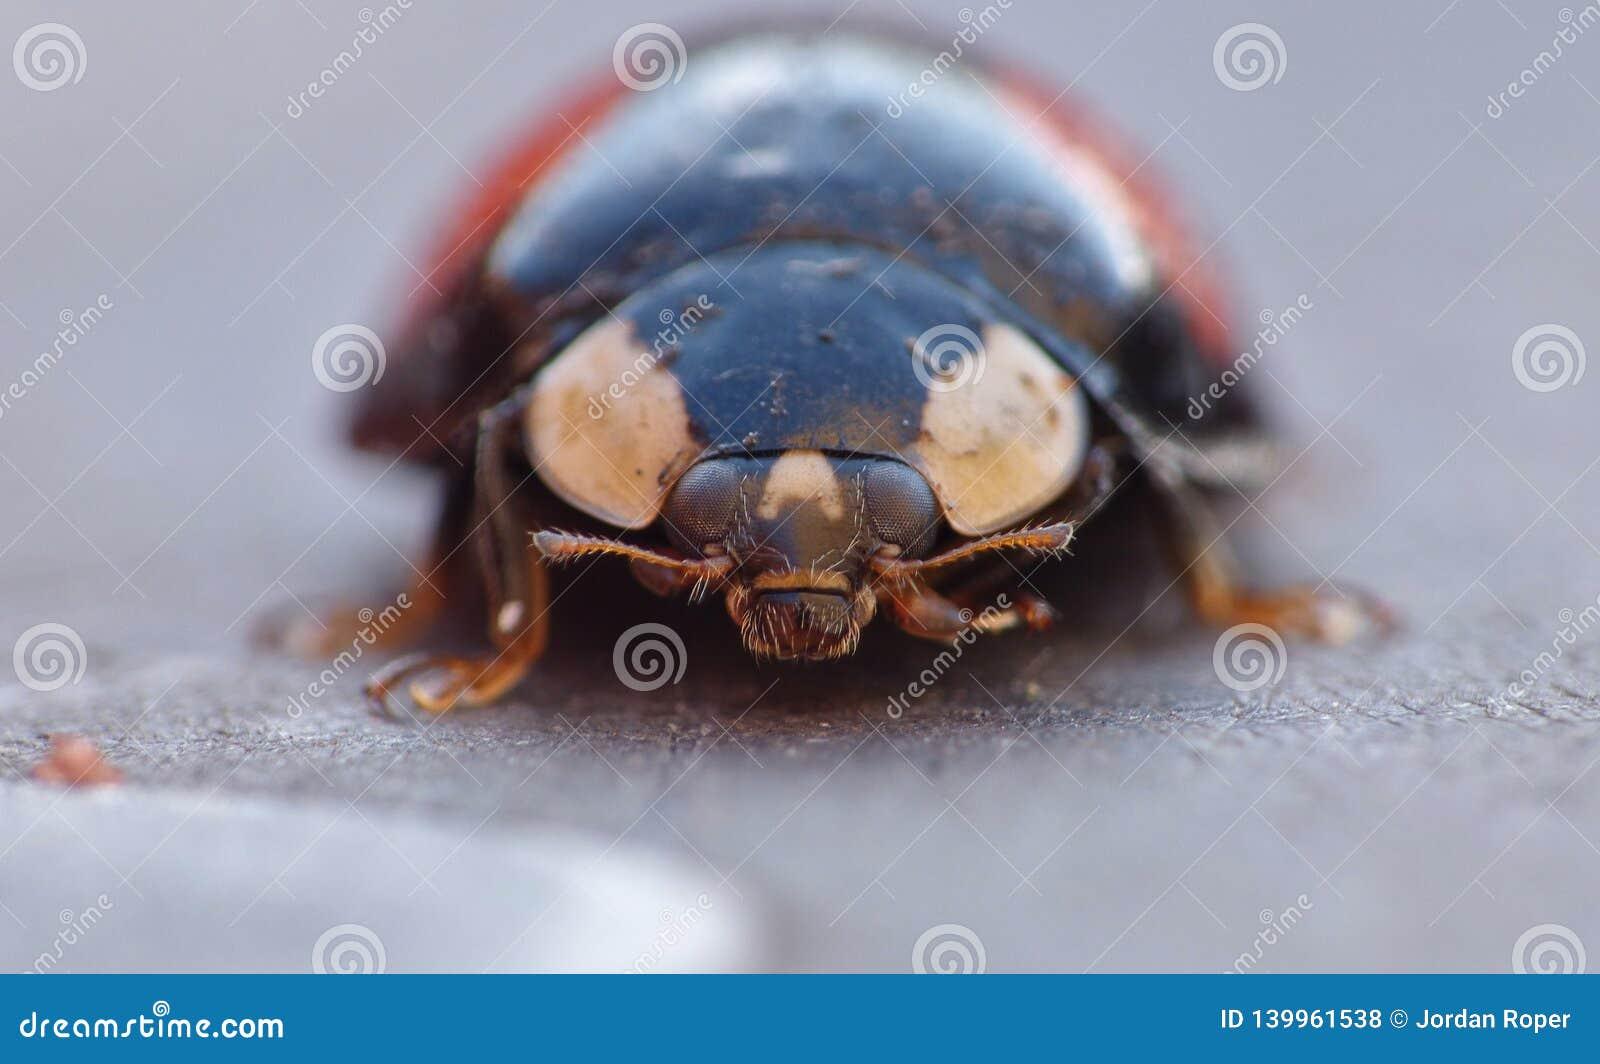 Harlekijnonzelieveheersbeestje Het Caped-het Invallerlieveheersbeestje/Onzelieveheersbeestje - Beeld